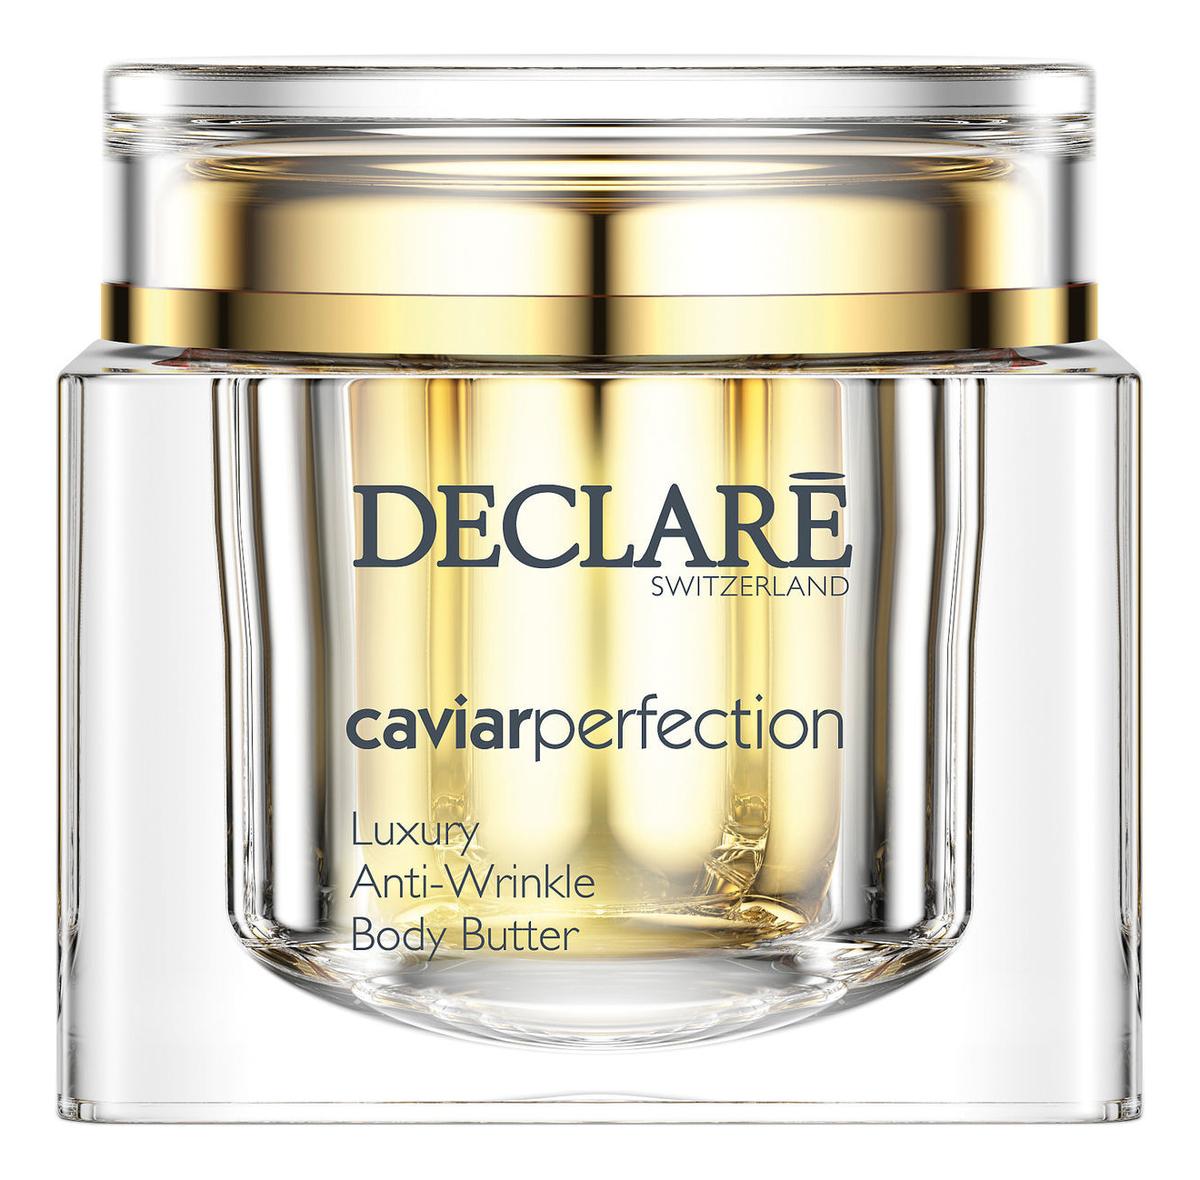 Питательный крем-люкс для тела с экстрактом черной икры Caviar Perfection Luxury Anti-Wrinkle Body Butter 200мл